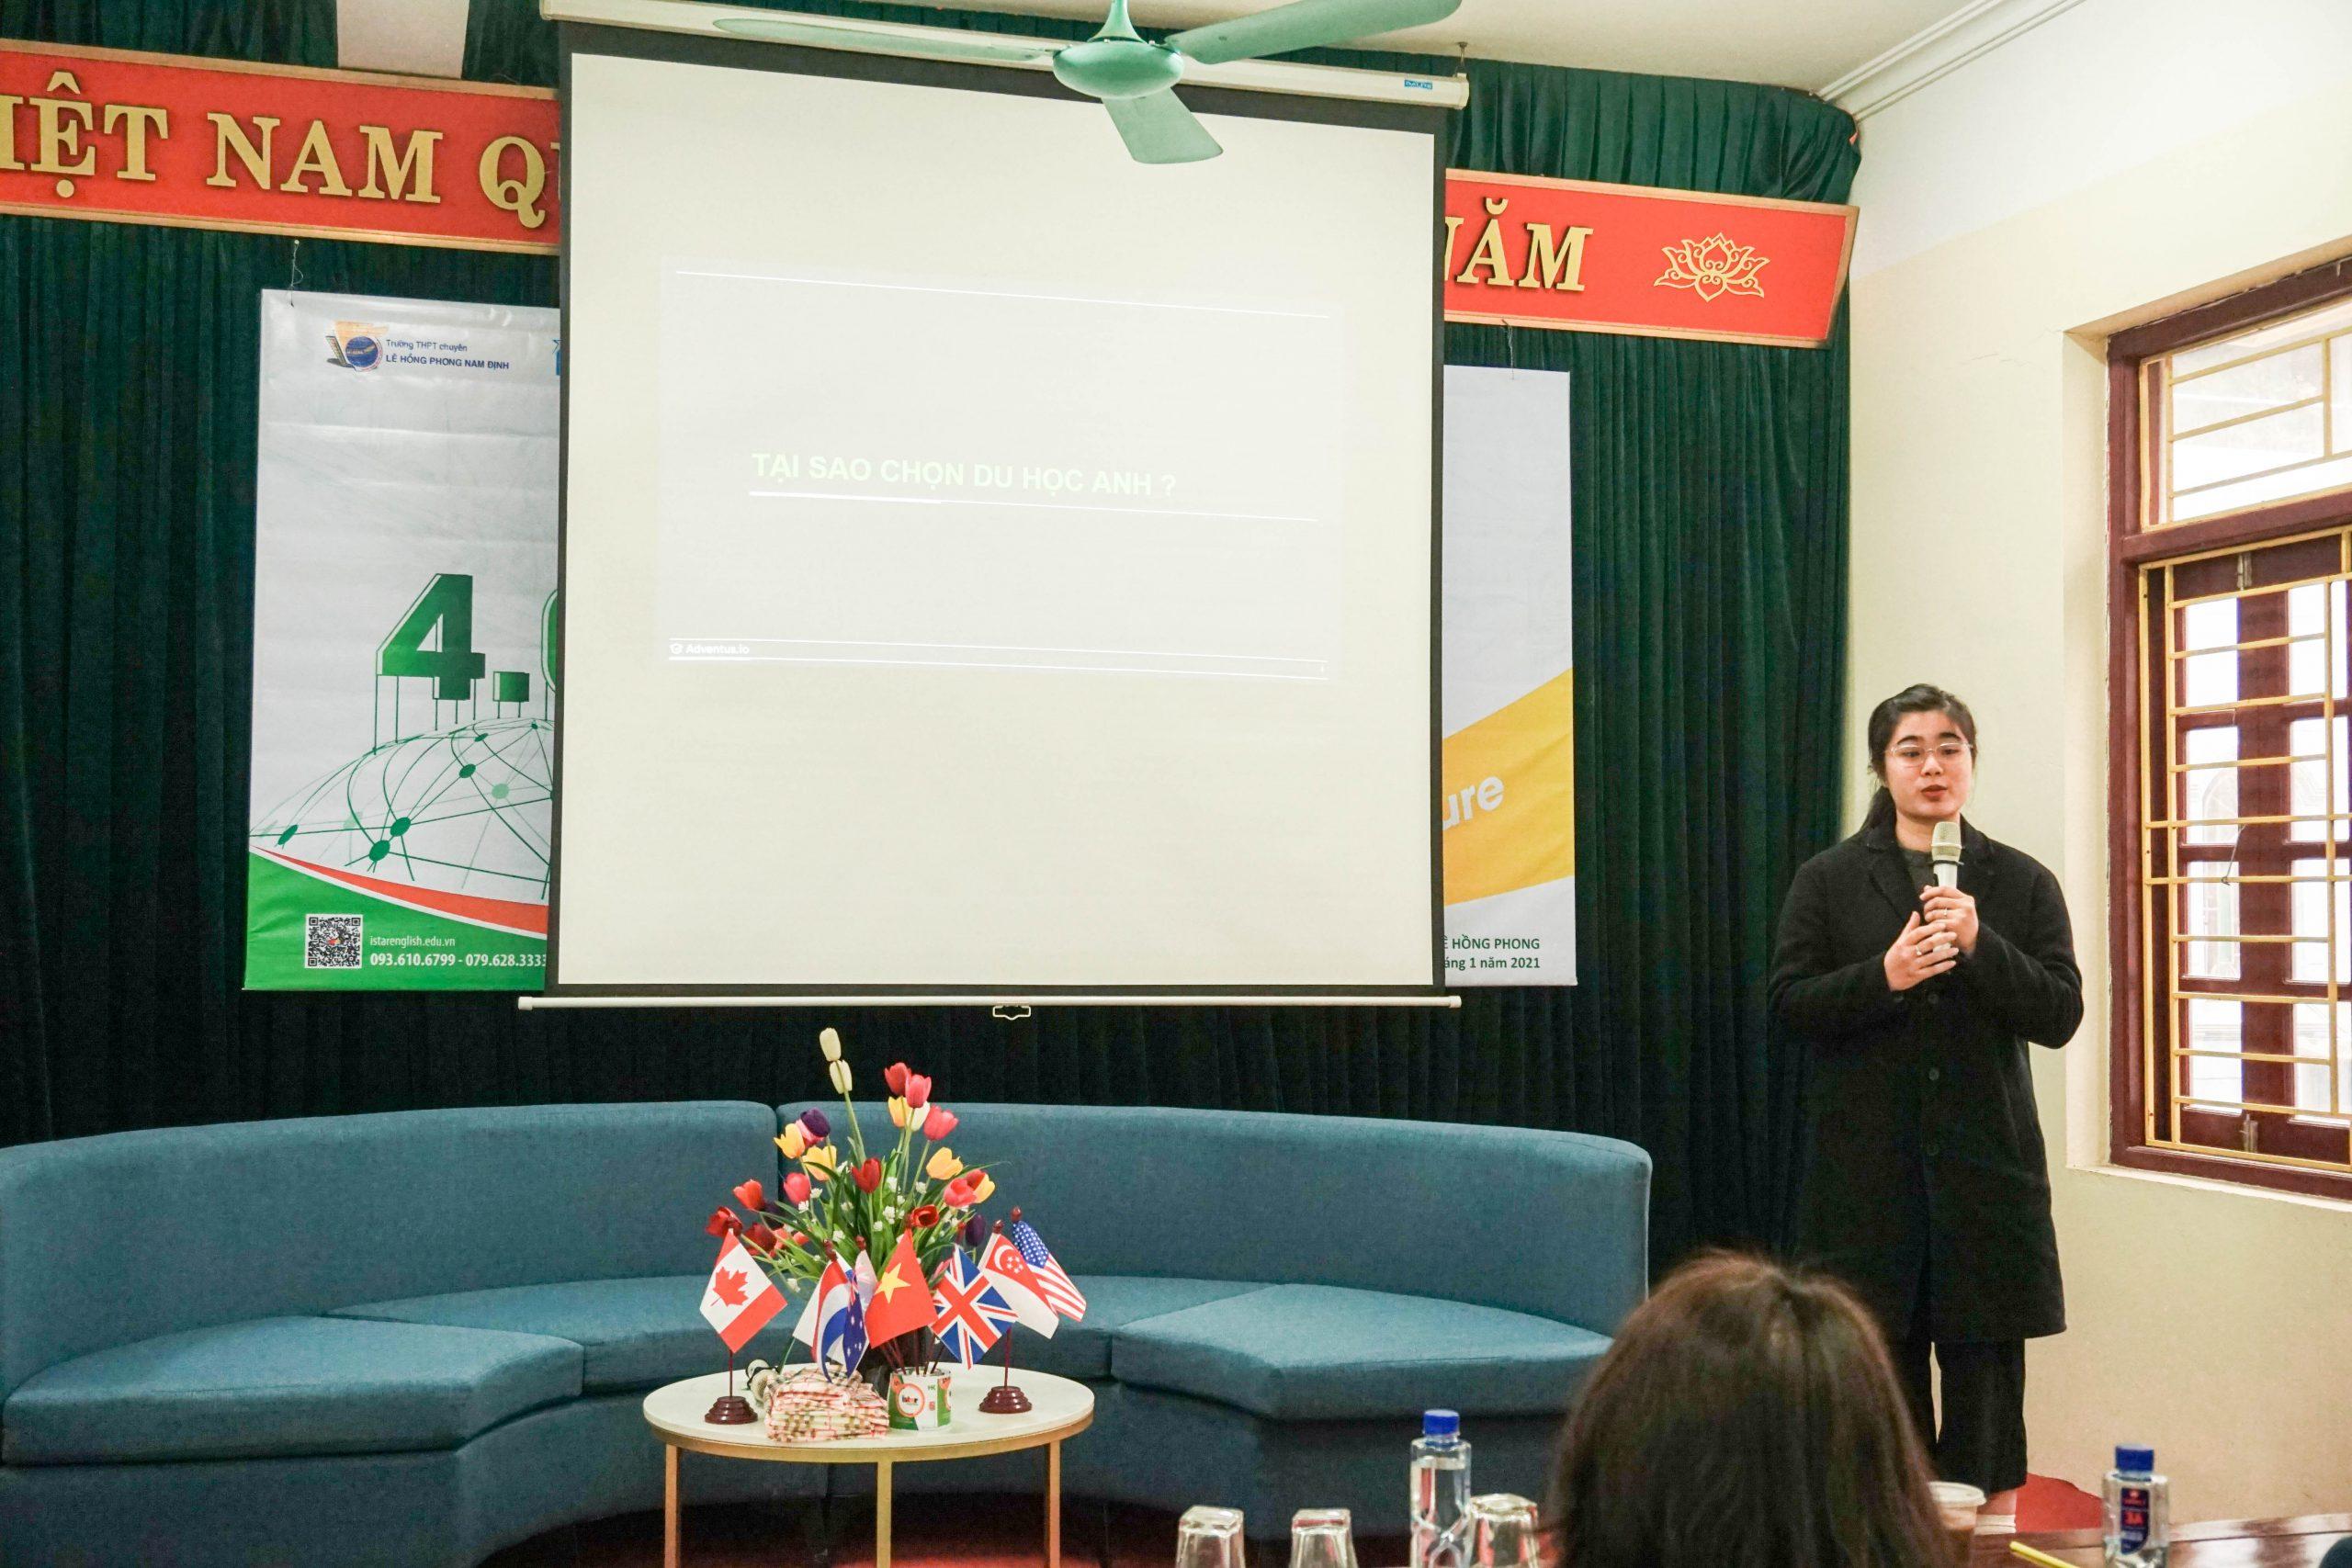 Chị Nguyễn Quỳnh Trang - Đại diện các Trường ĐH tại Anh chia sẻ về các cơ hội và khó khăn khi du học tại Anh